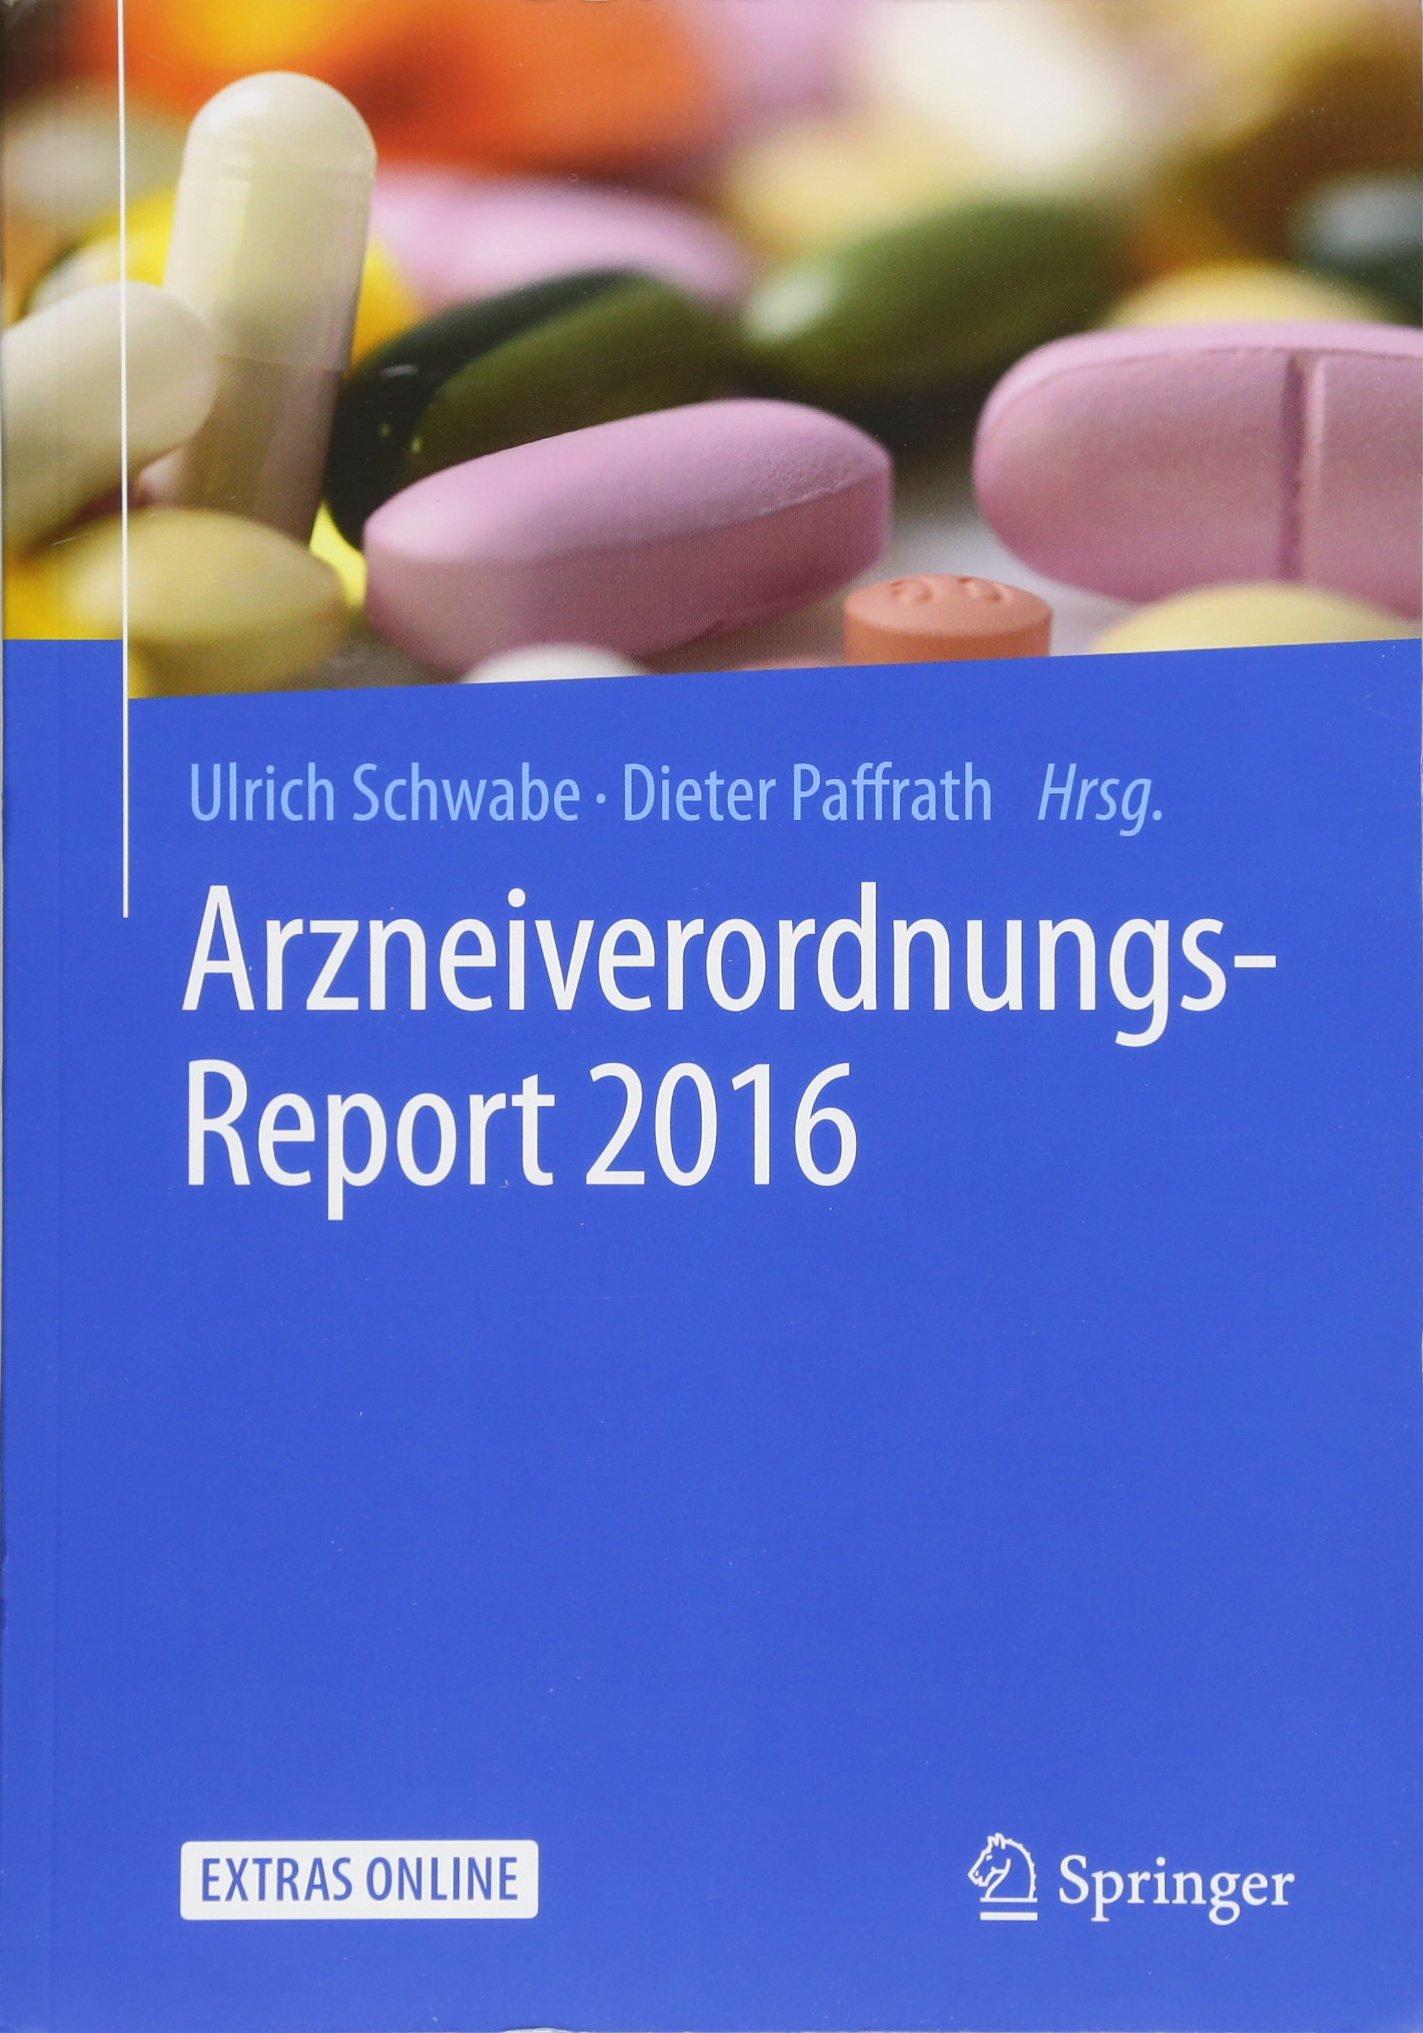 Arzneiverordnungs-Report 2016 Taschenbuch – 27. September 2016 Ulrich Schwabe Dieter Paffrath Springer 3662503506